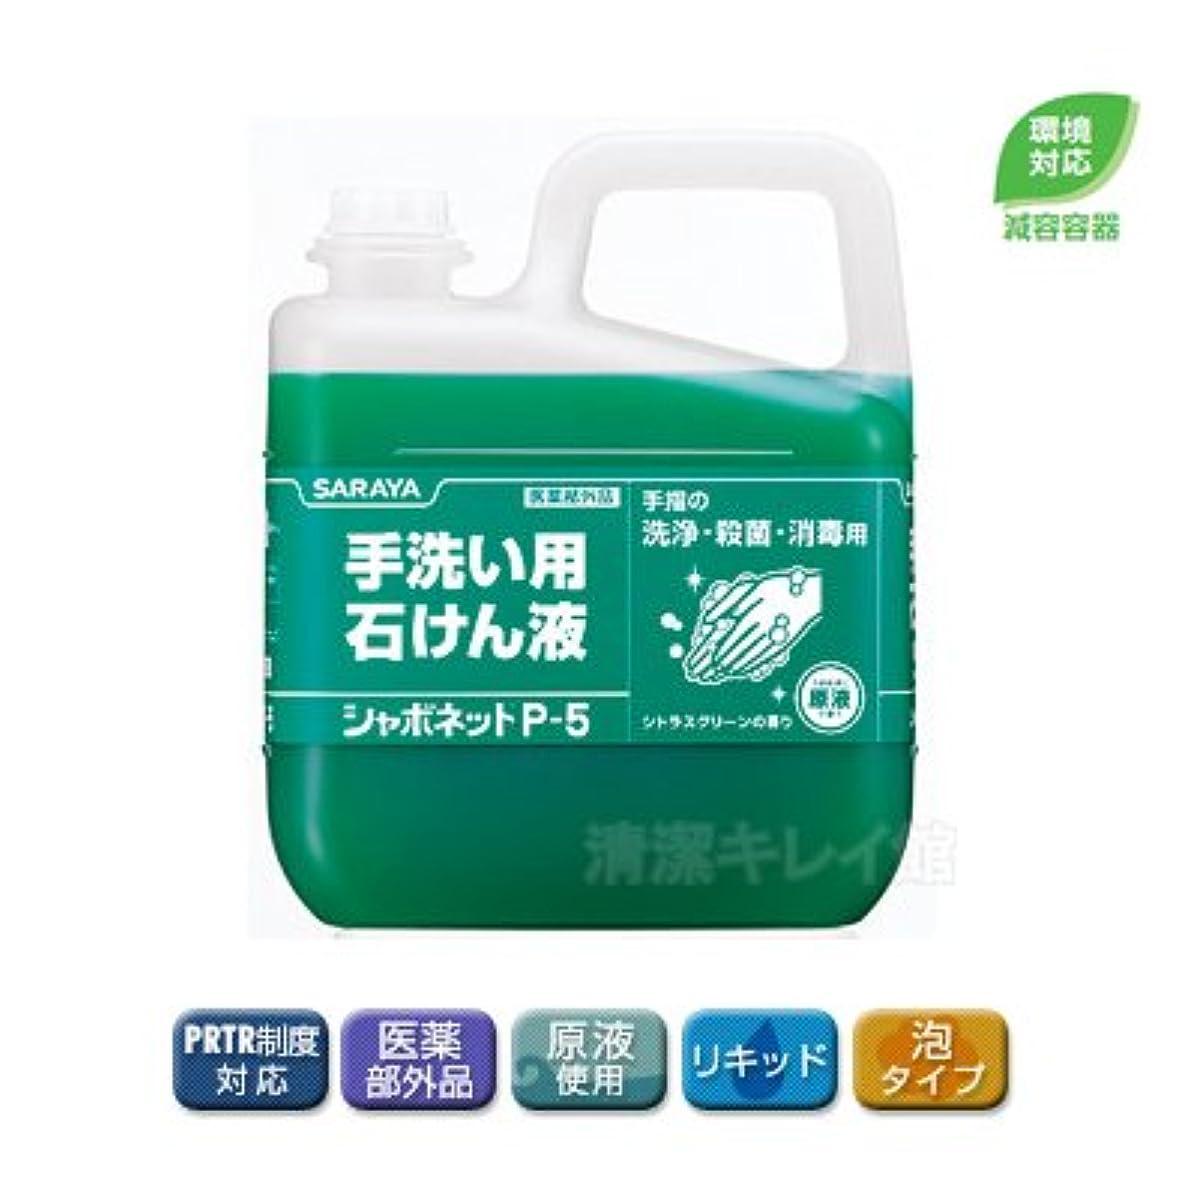 先例ところで潜在的な【清潔キレイ館】サラヤ シャボネット石鹸液P-5(5kg)